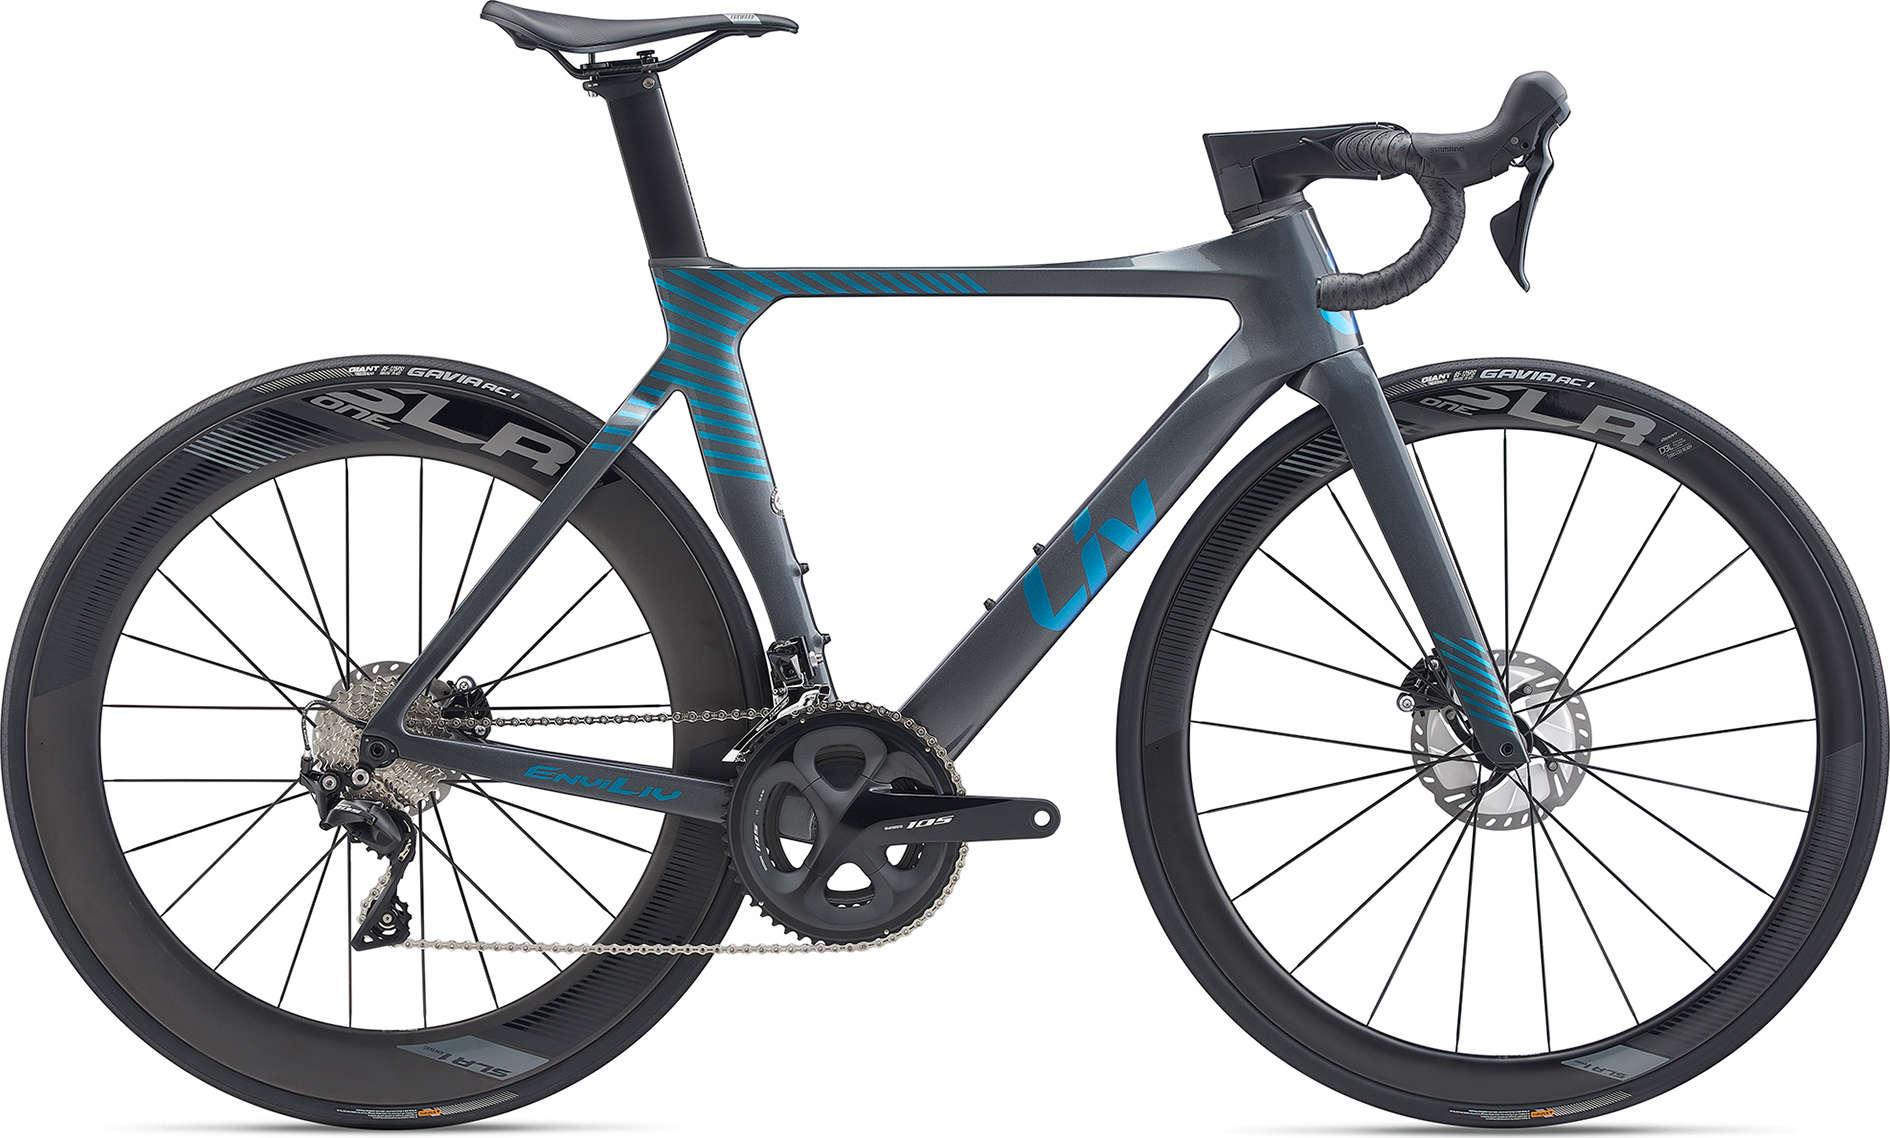 Велосипед Giant LIV Enviliv Advanced Pro 2 Disc (2021)